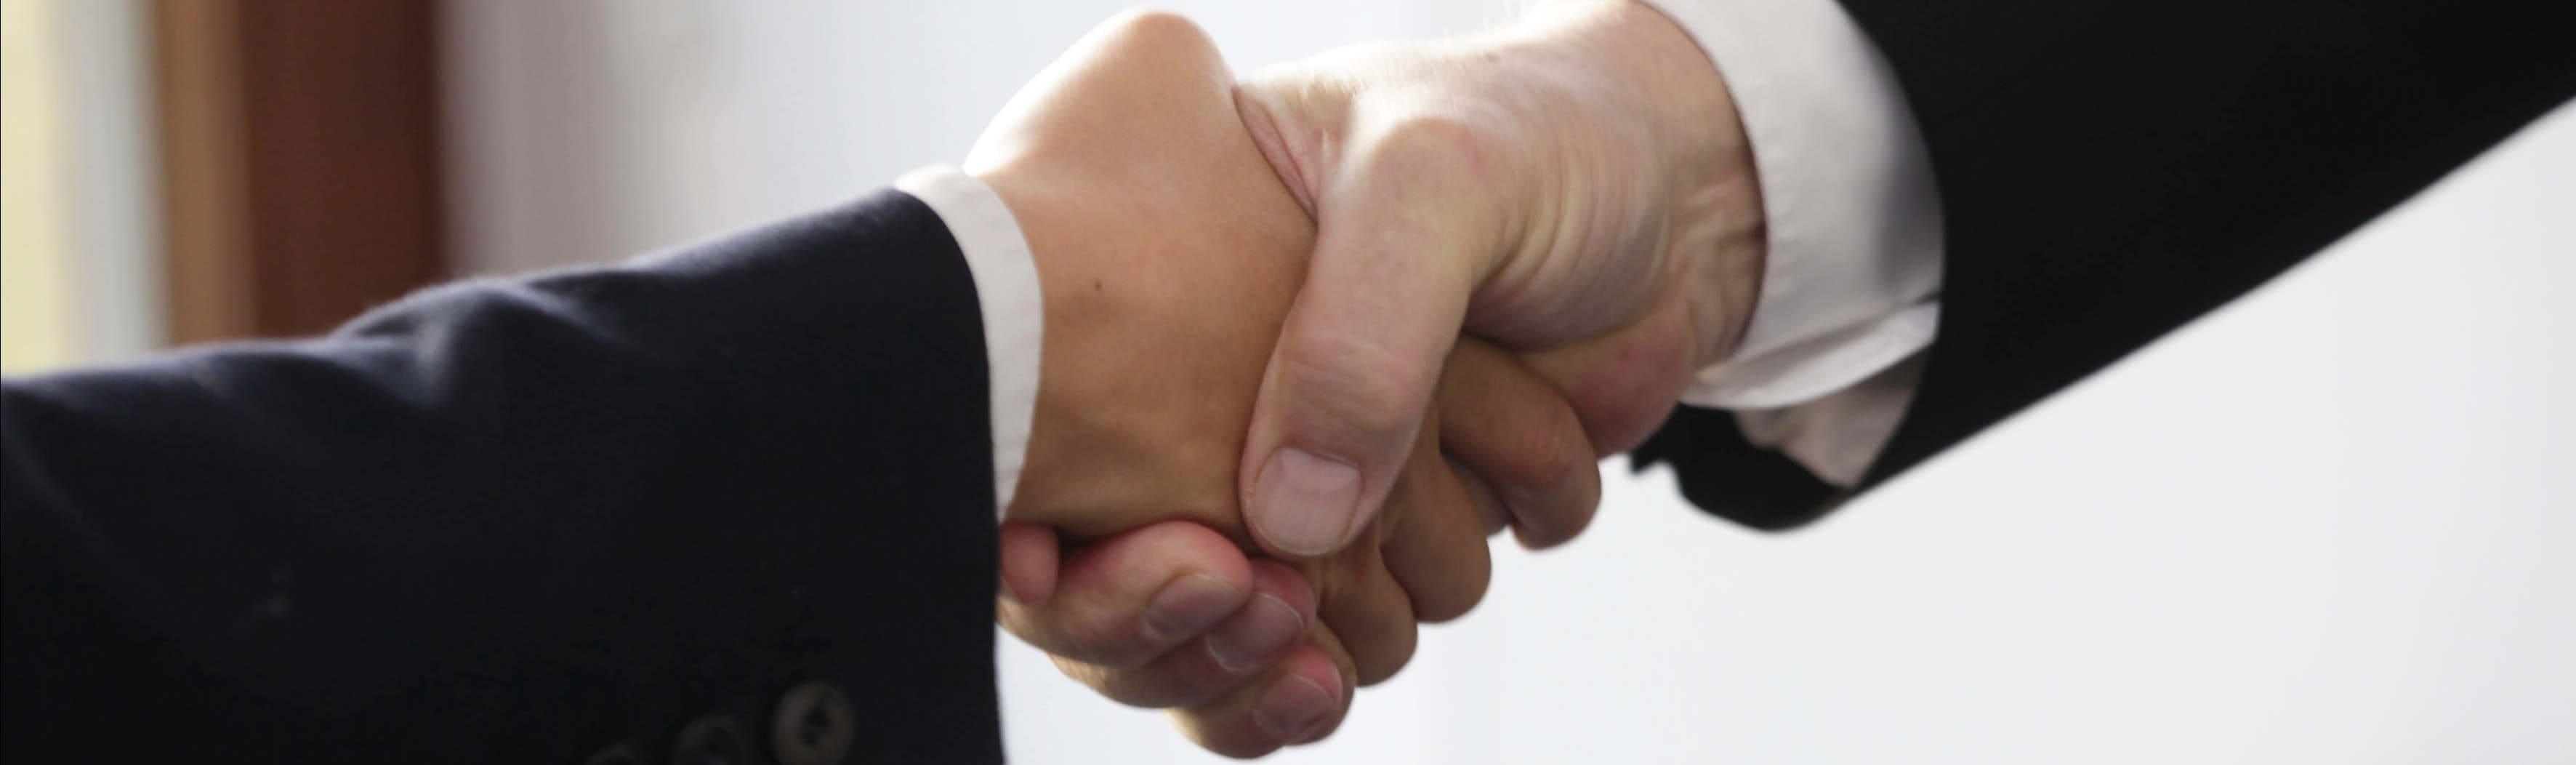 banner-handshake